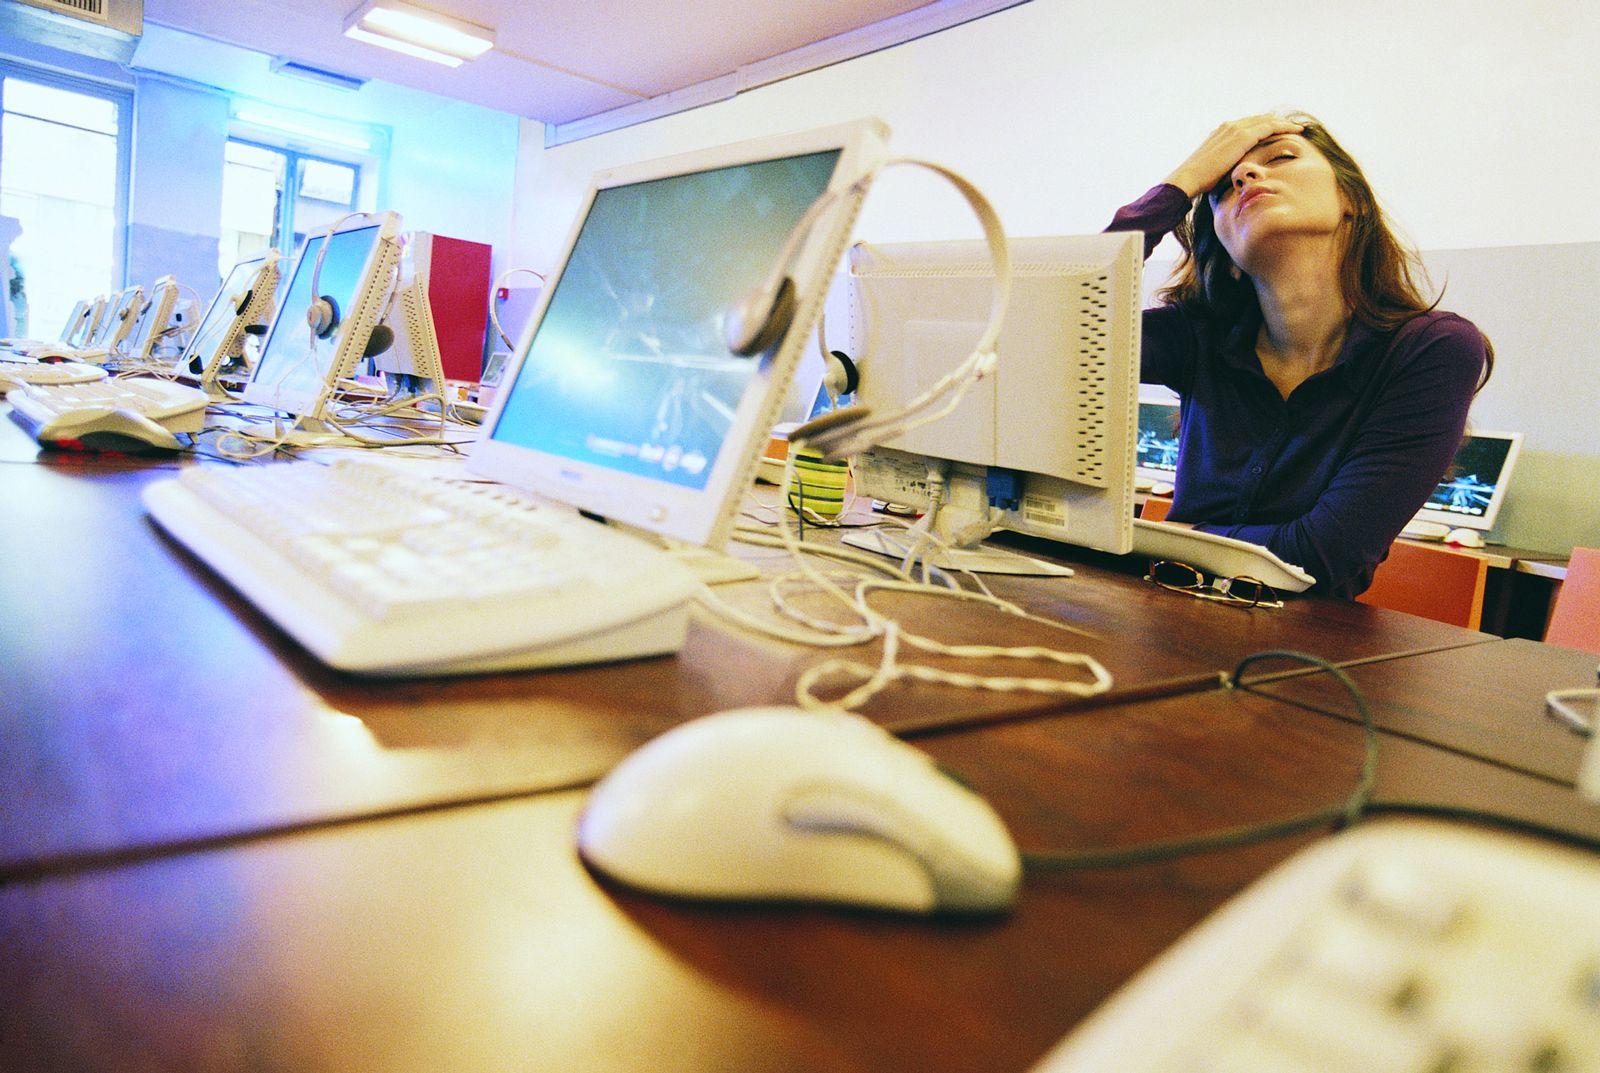 NICHT MEHR VERWENDEN! - Buch Lena / Studentin / Tastatur / Computer